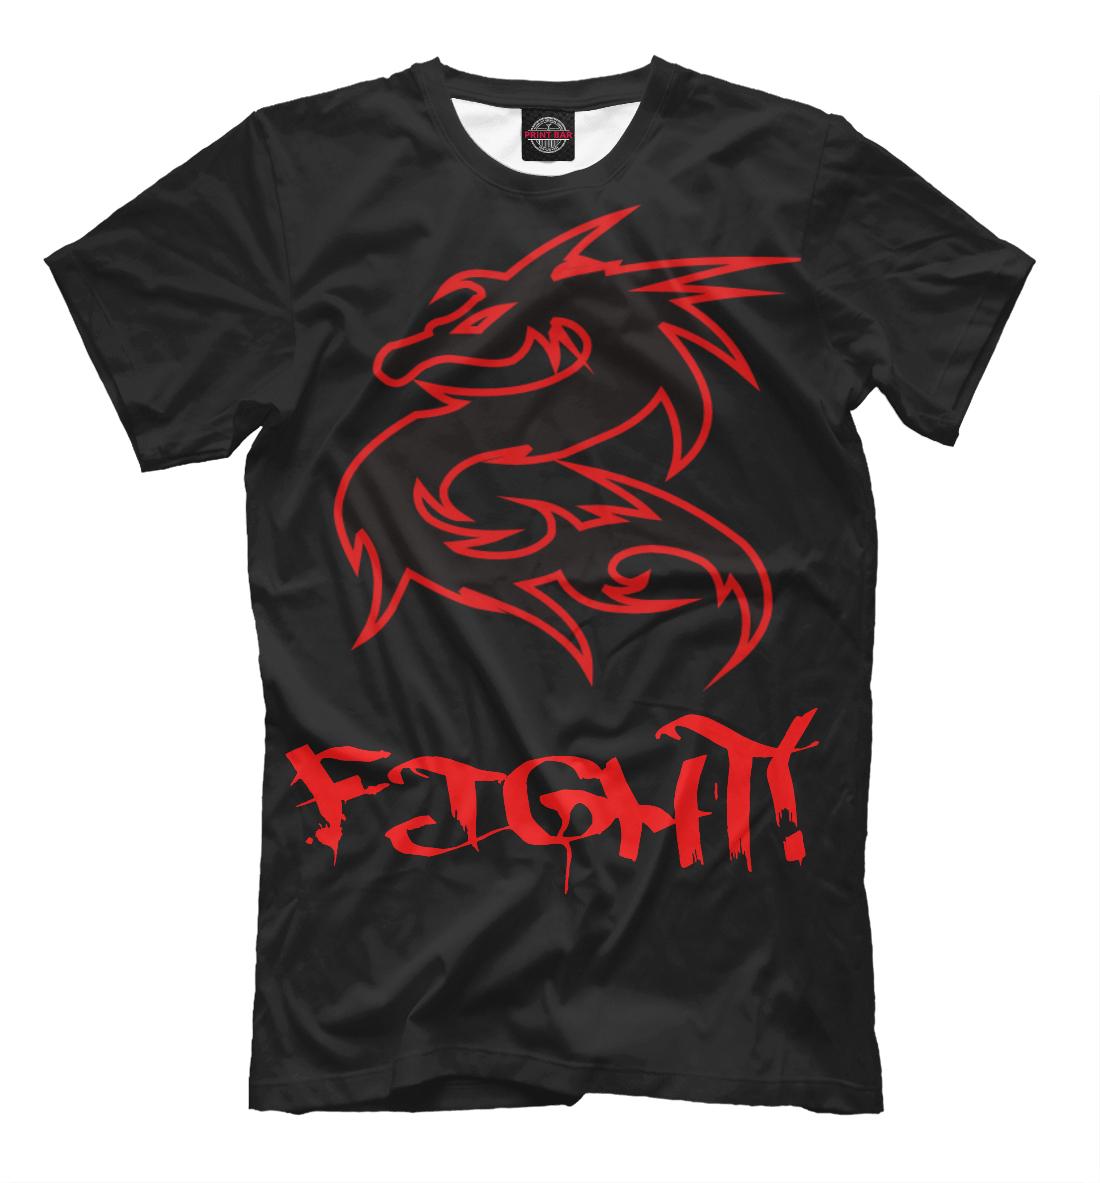 Купить Mortal Combat, Printbar, Футболки, MKB-367685-fut-2